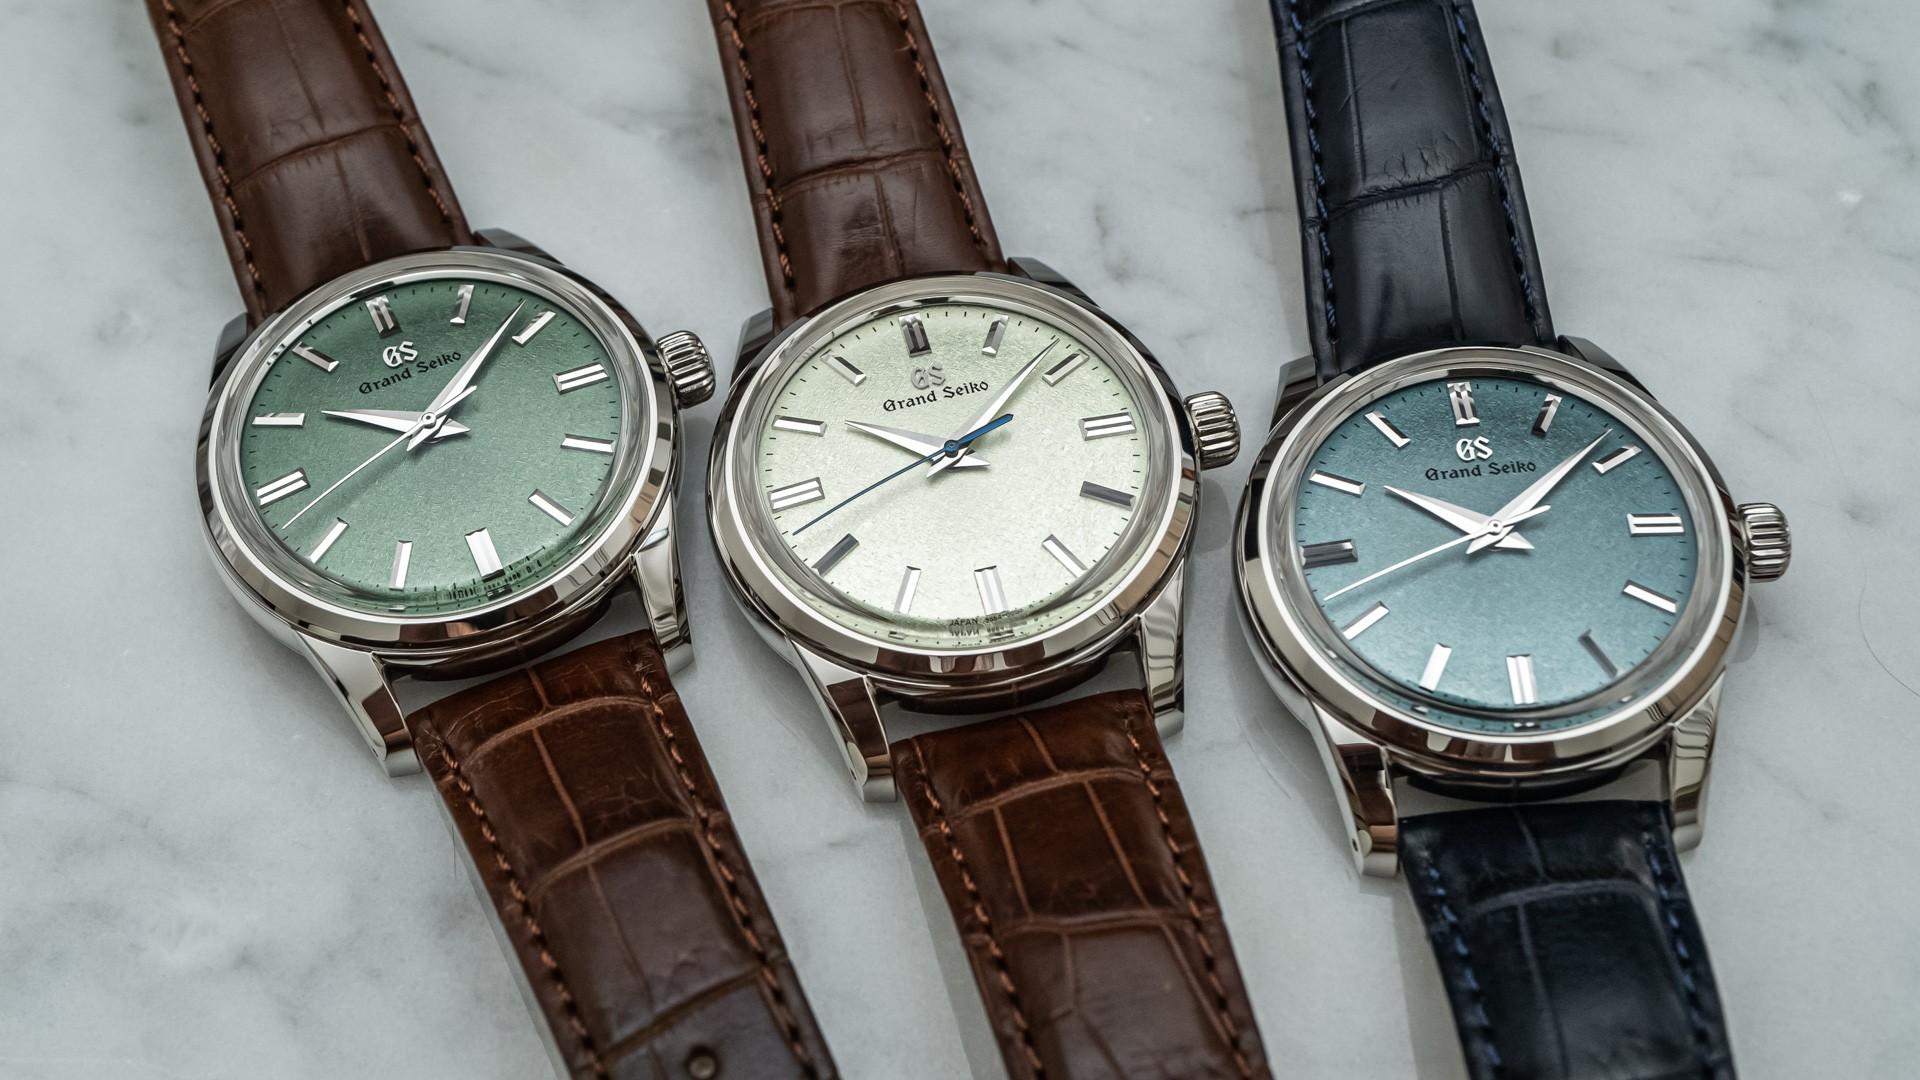 Дебют: эксклюзивные часы Grand Seiko Elegance Collection с зеленым циферблатом